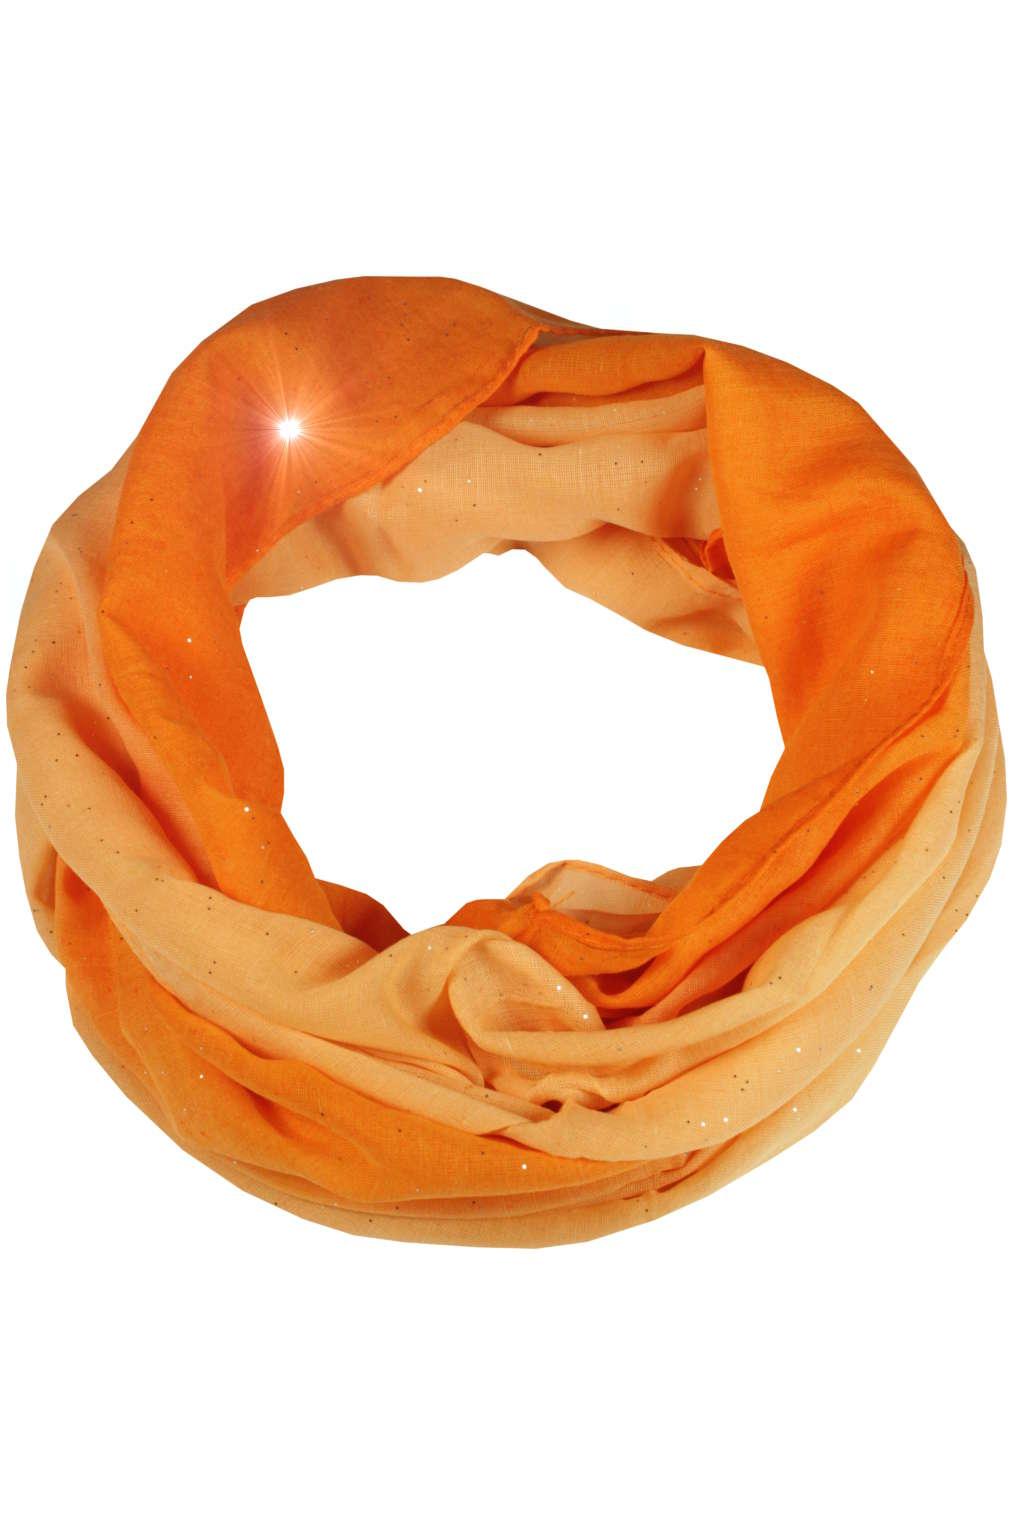 c3923b27d3a Perla - letní tunelová šála oranžová